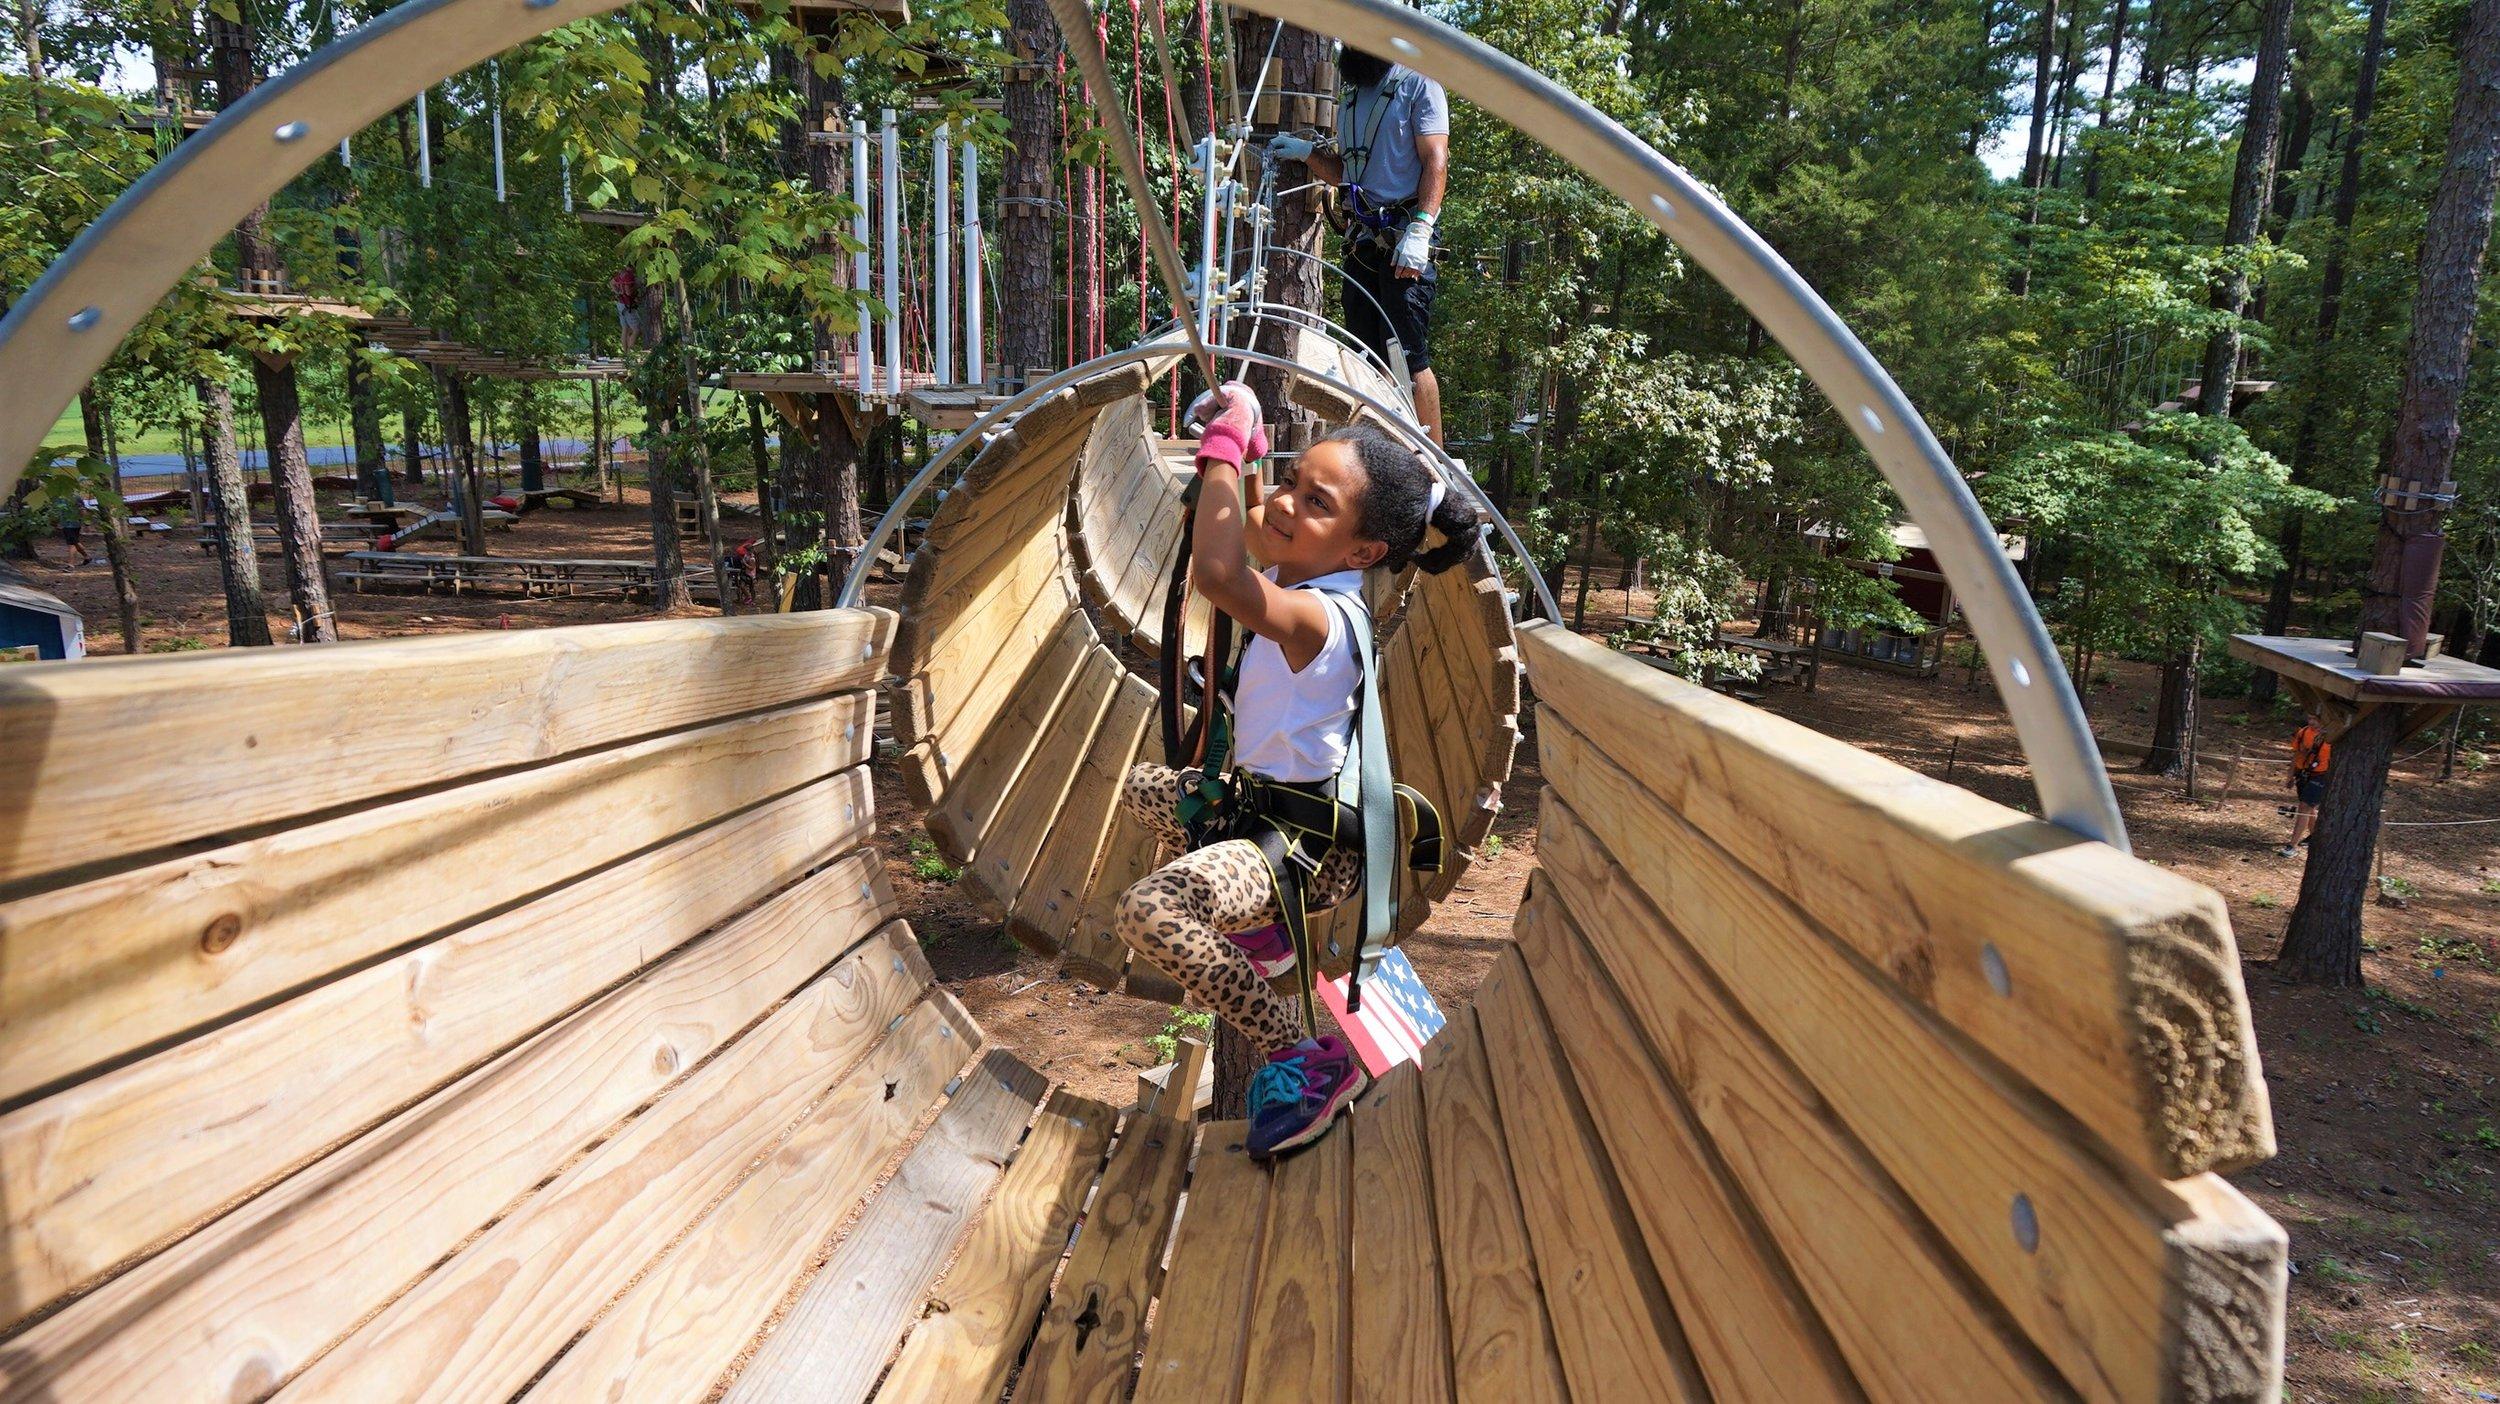 2 Peanut Butter Girls at TreeRunner Adventure Park Raleigh